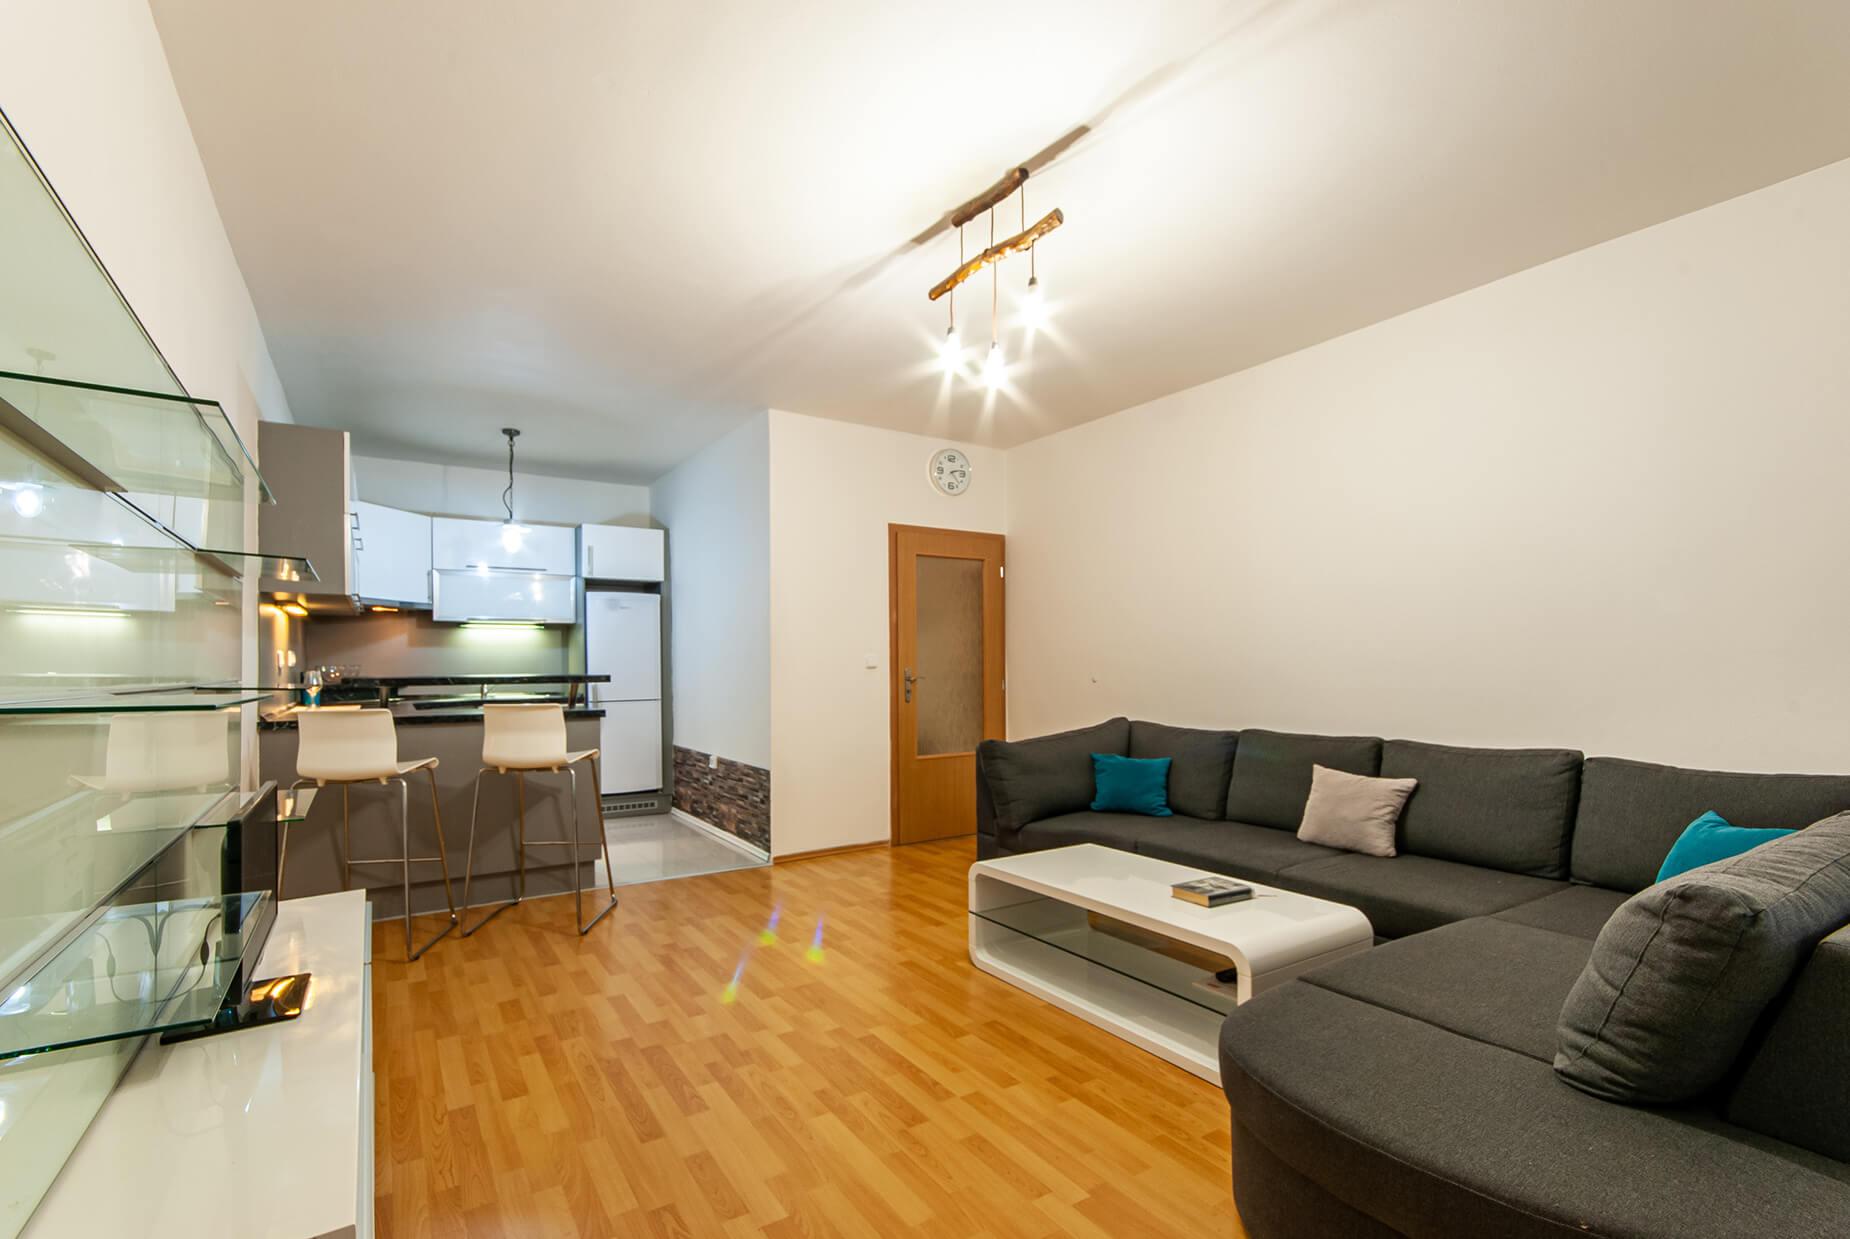 Prodej OV 2+kk Modřice, ul. K Lesu, CP 51 m², zahrádka 48 m²